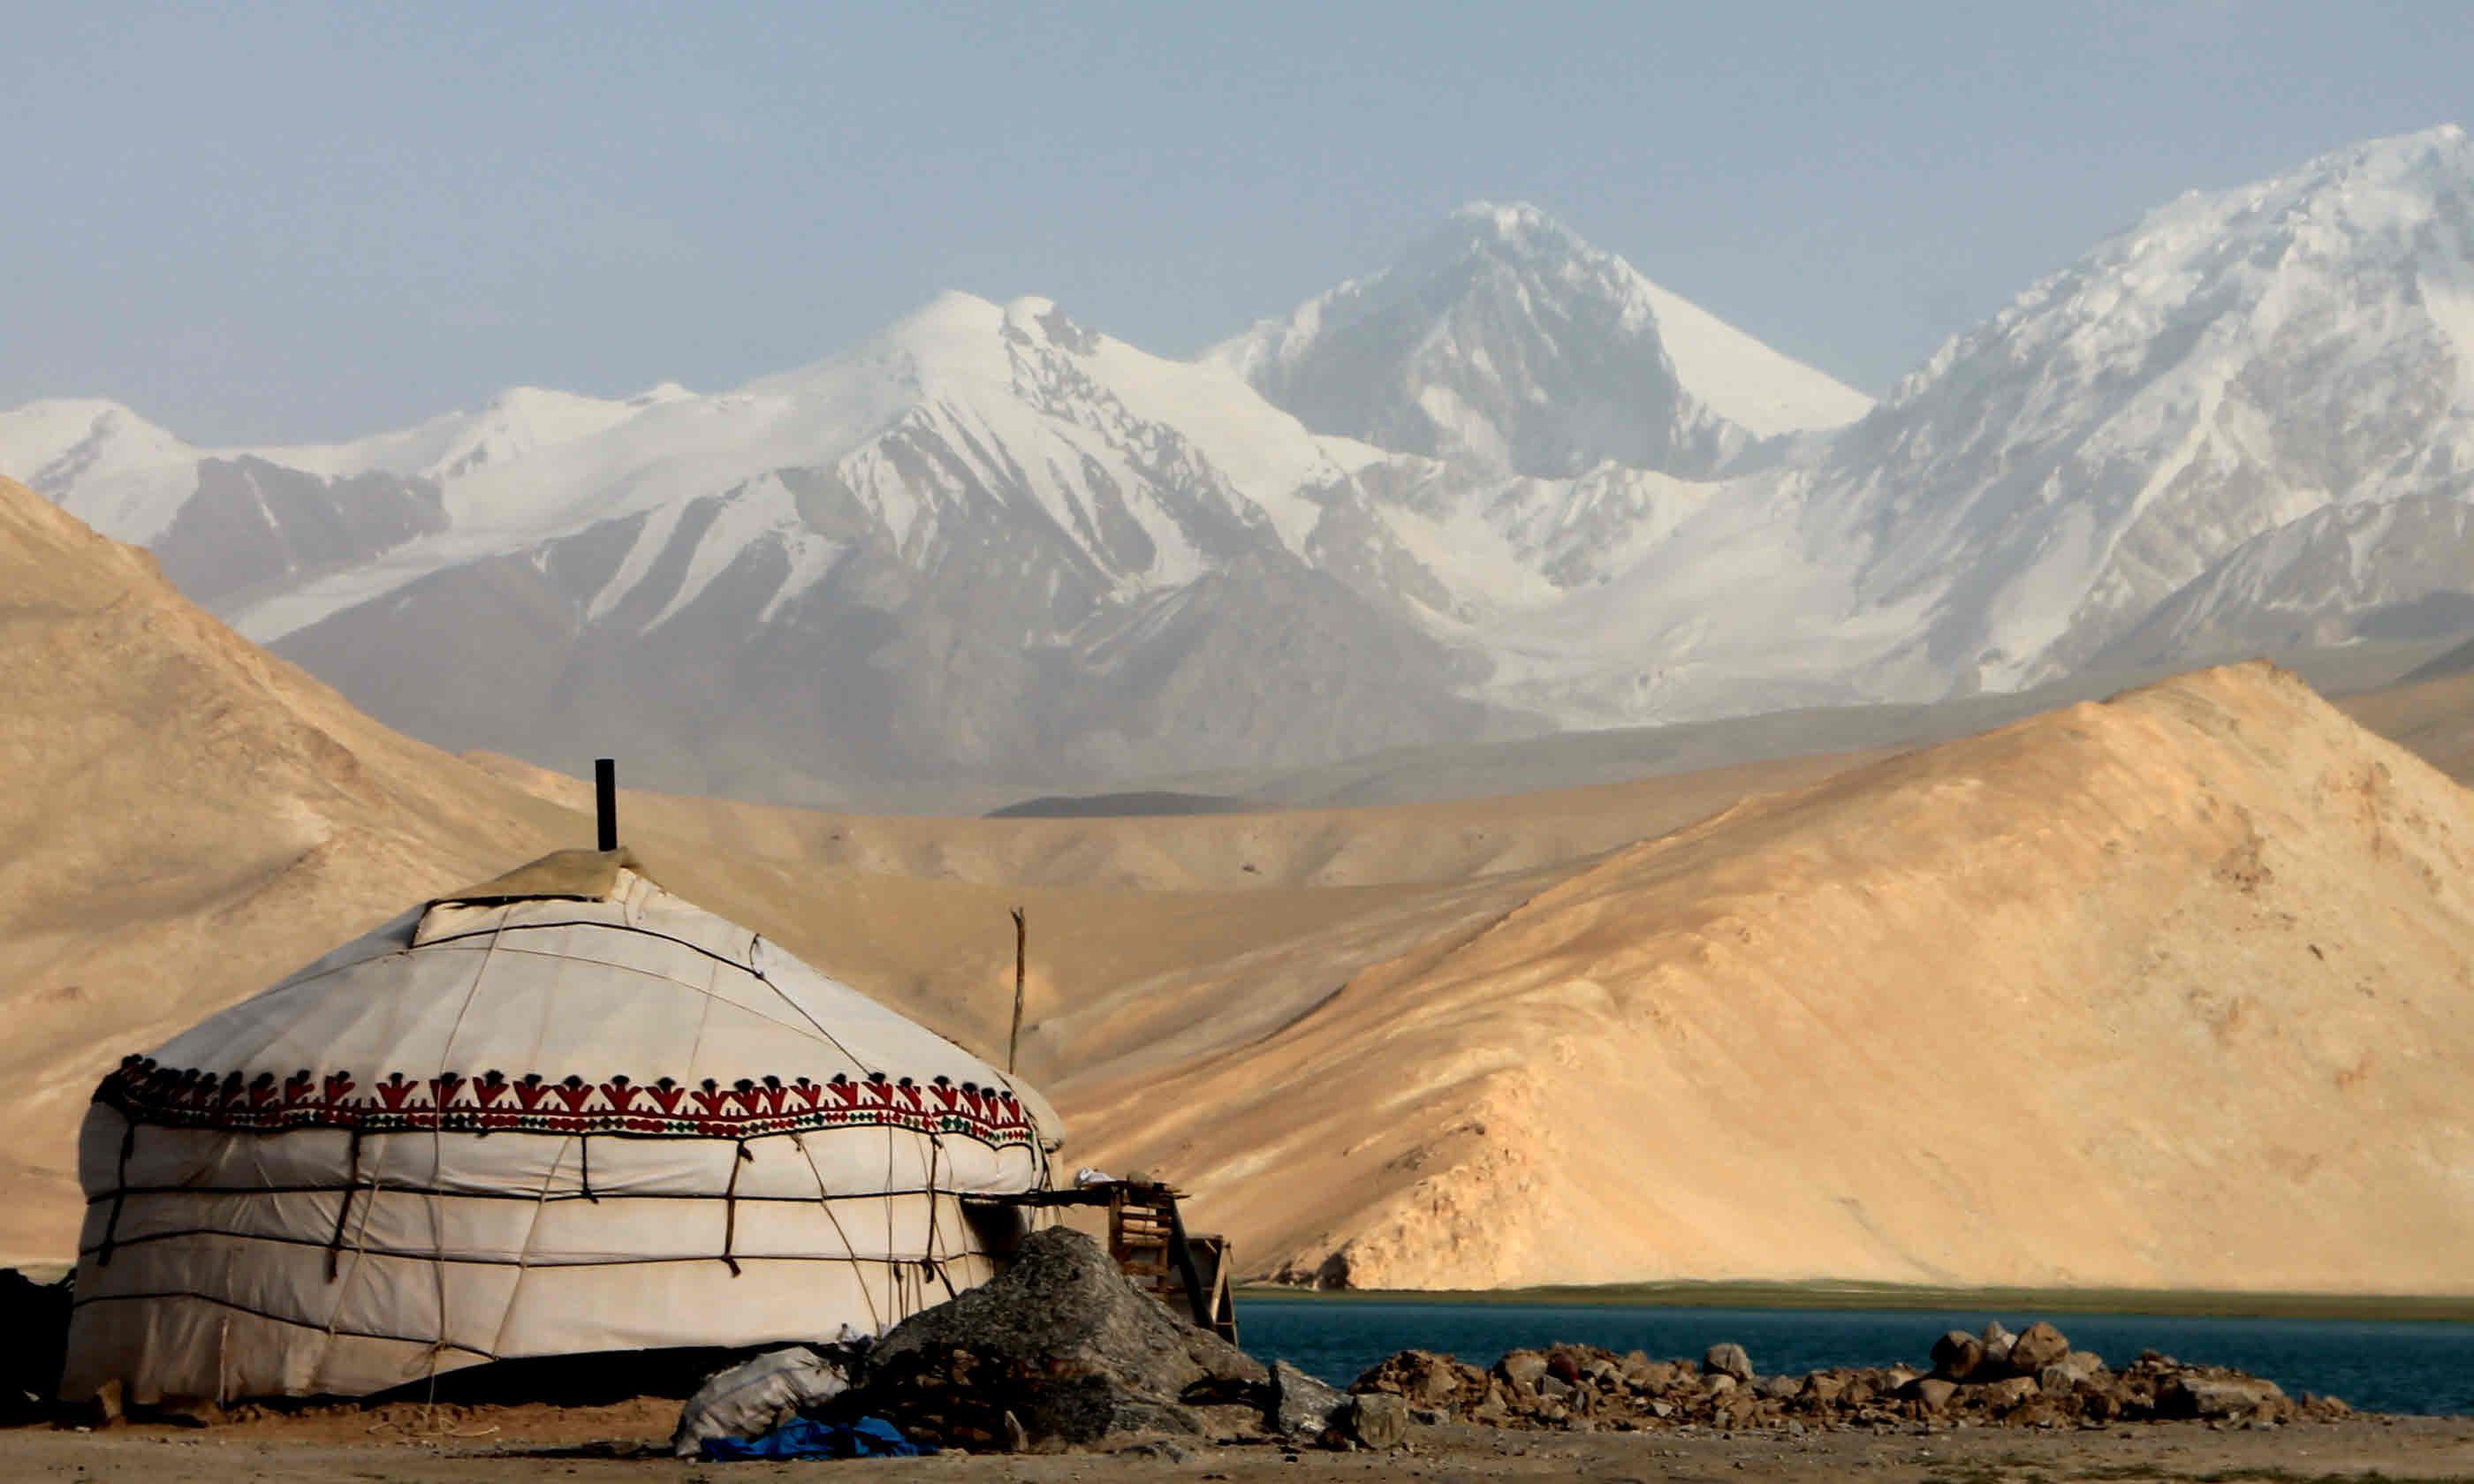 Karakorum Highway Mushtaq Ata Peak at Karakul Lake (Shutterstock)